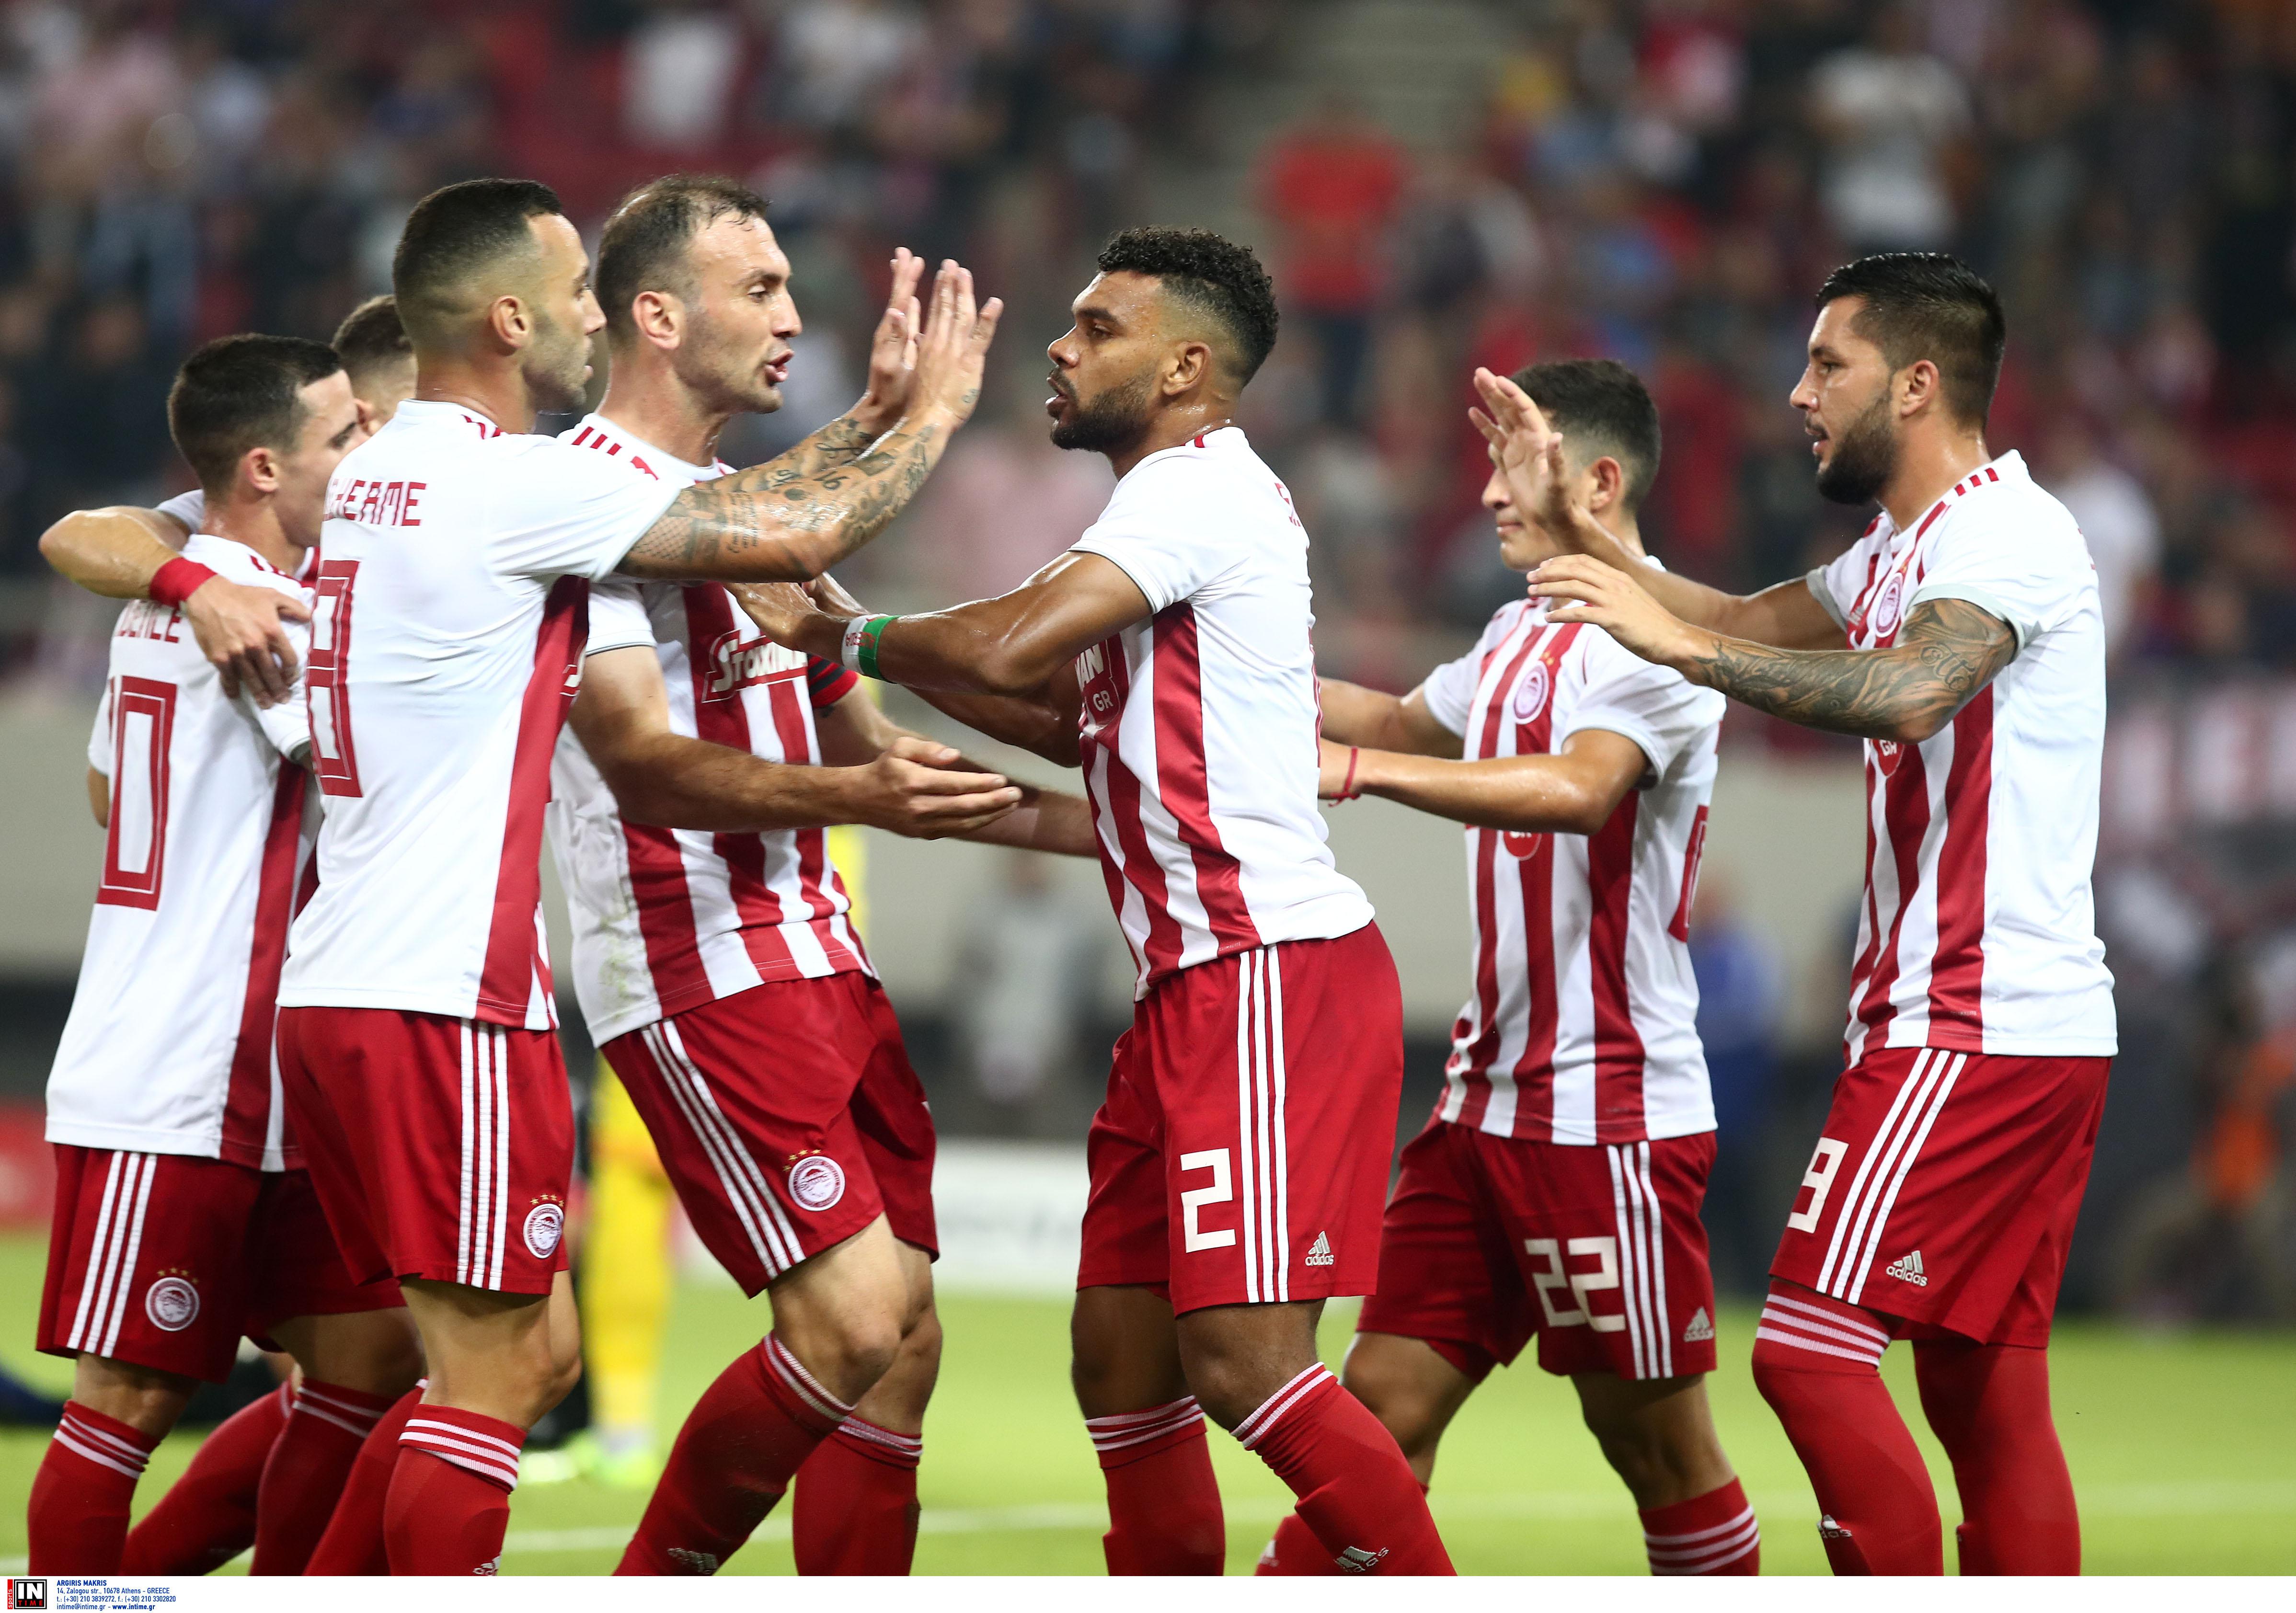 """Ολυμπιακός – ΑΕΚ: Χωρίς Μπενζιά στο ντέρμπι! """"Μέσα"""" ο Τοροσίδης"""